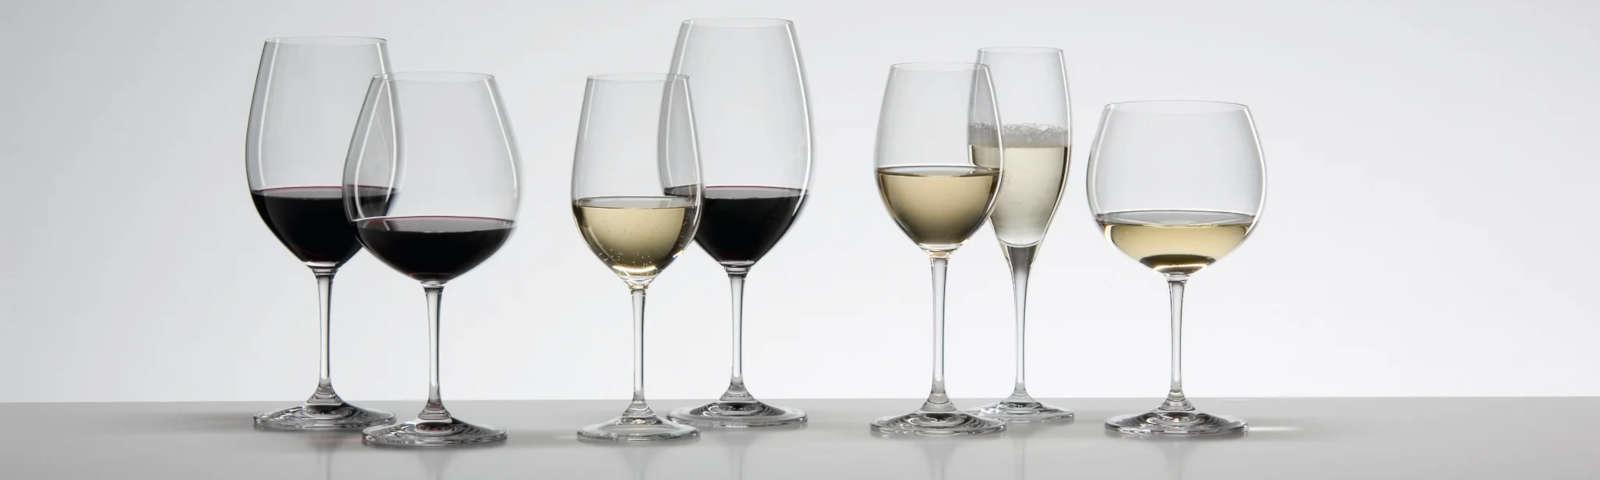 бокалы для вина фото